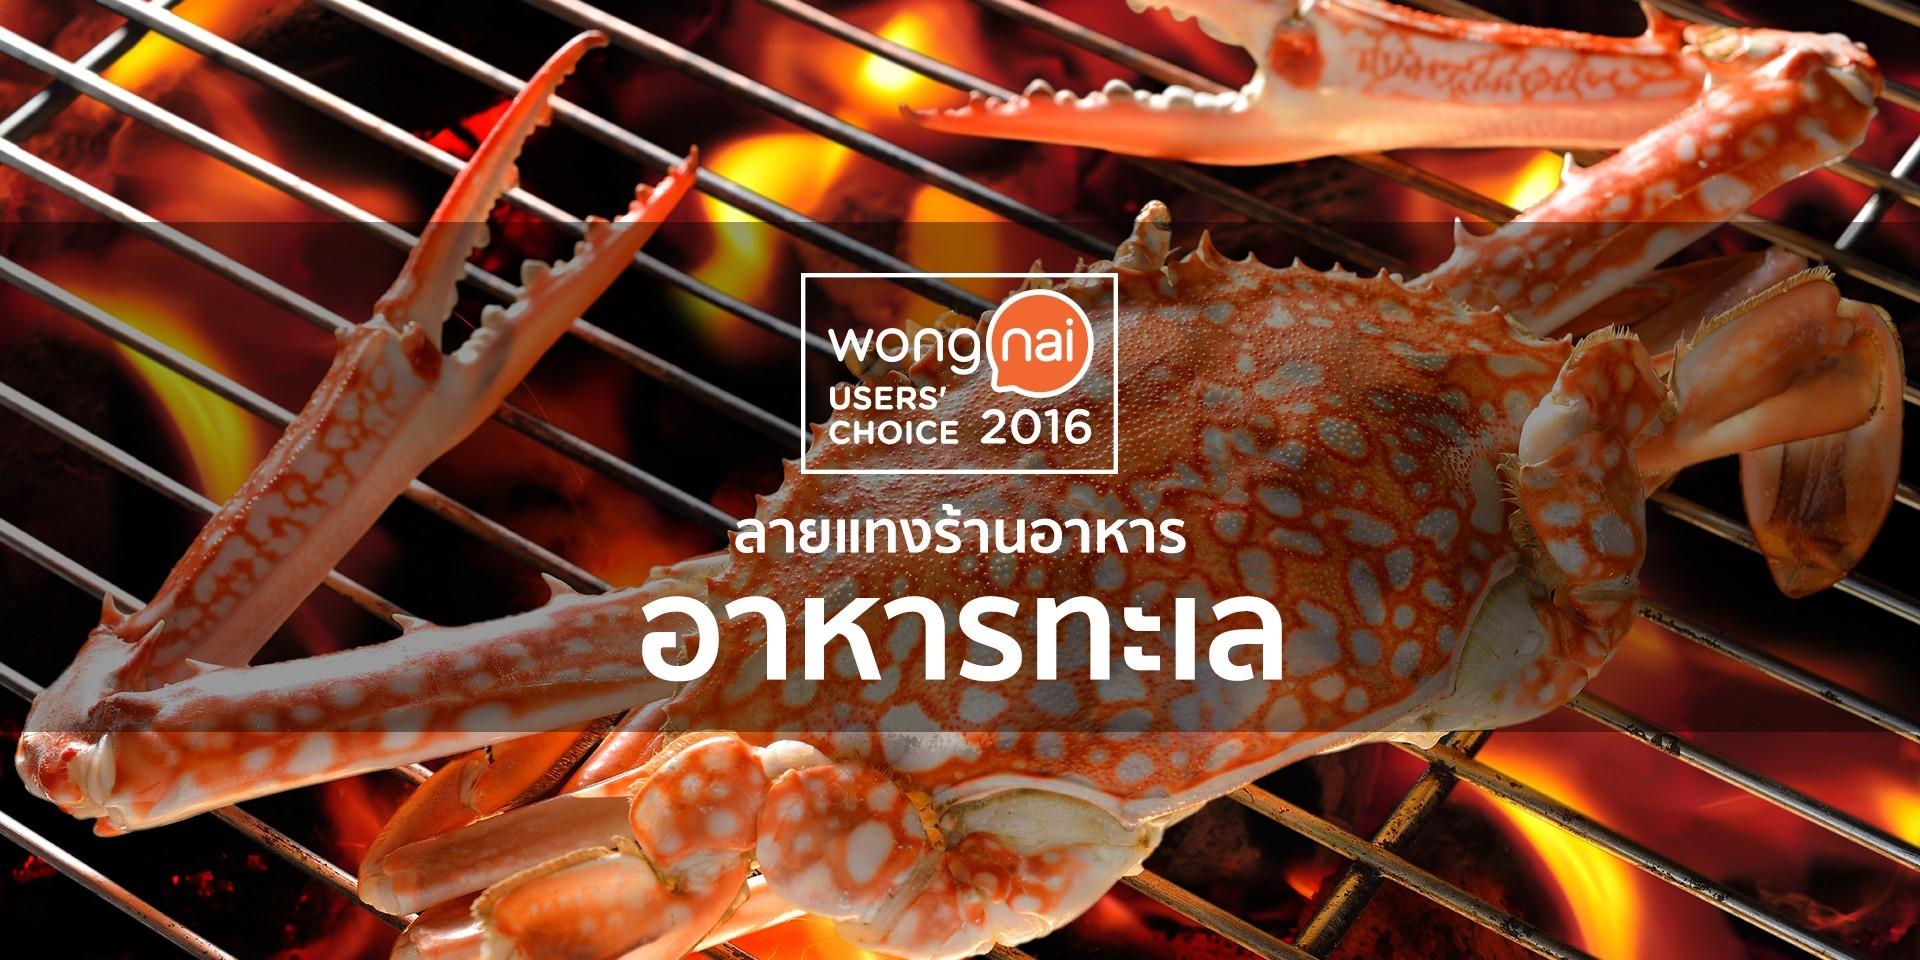 """14 ร้านอาหารทะเลยอดนิยมทั่วประเทศ จาก """"Wongnai User' Choice 2016"""""""